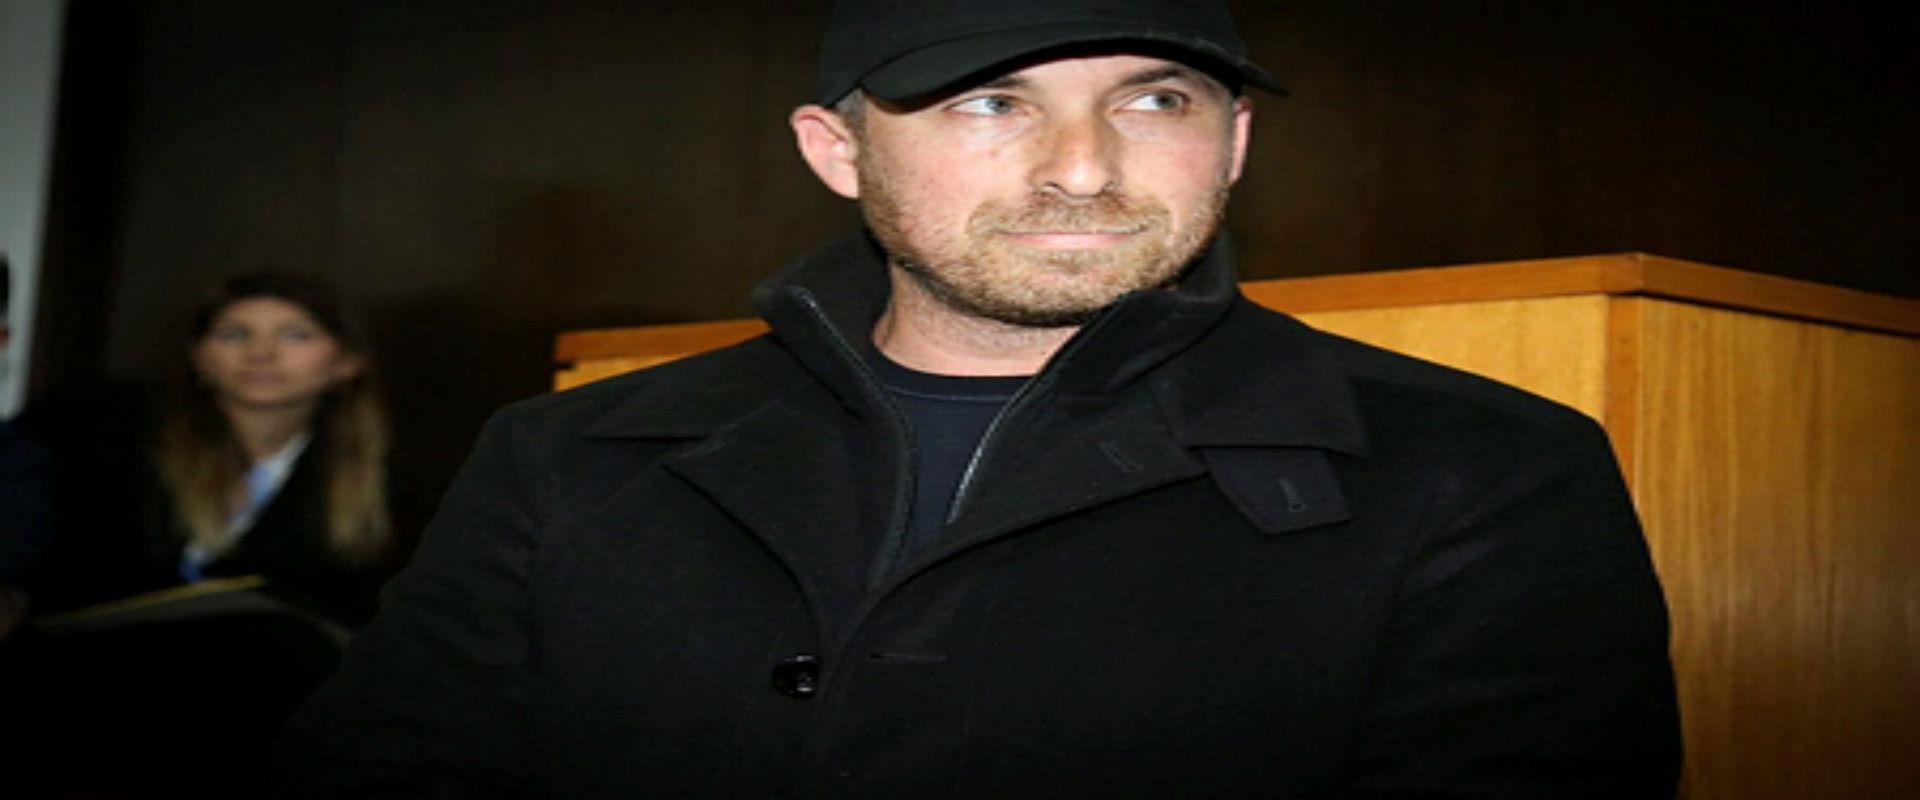 העבריין עמיר מולנר בדיון במשפטו, אפריל 2017